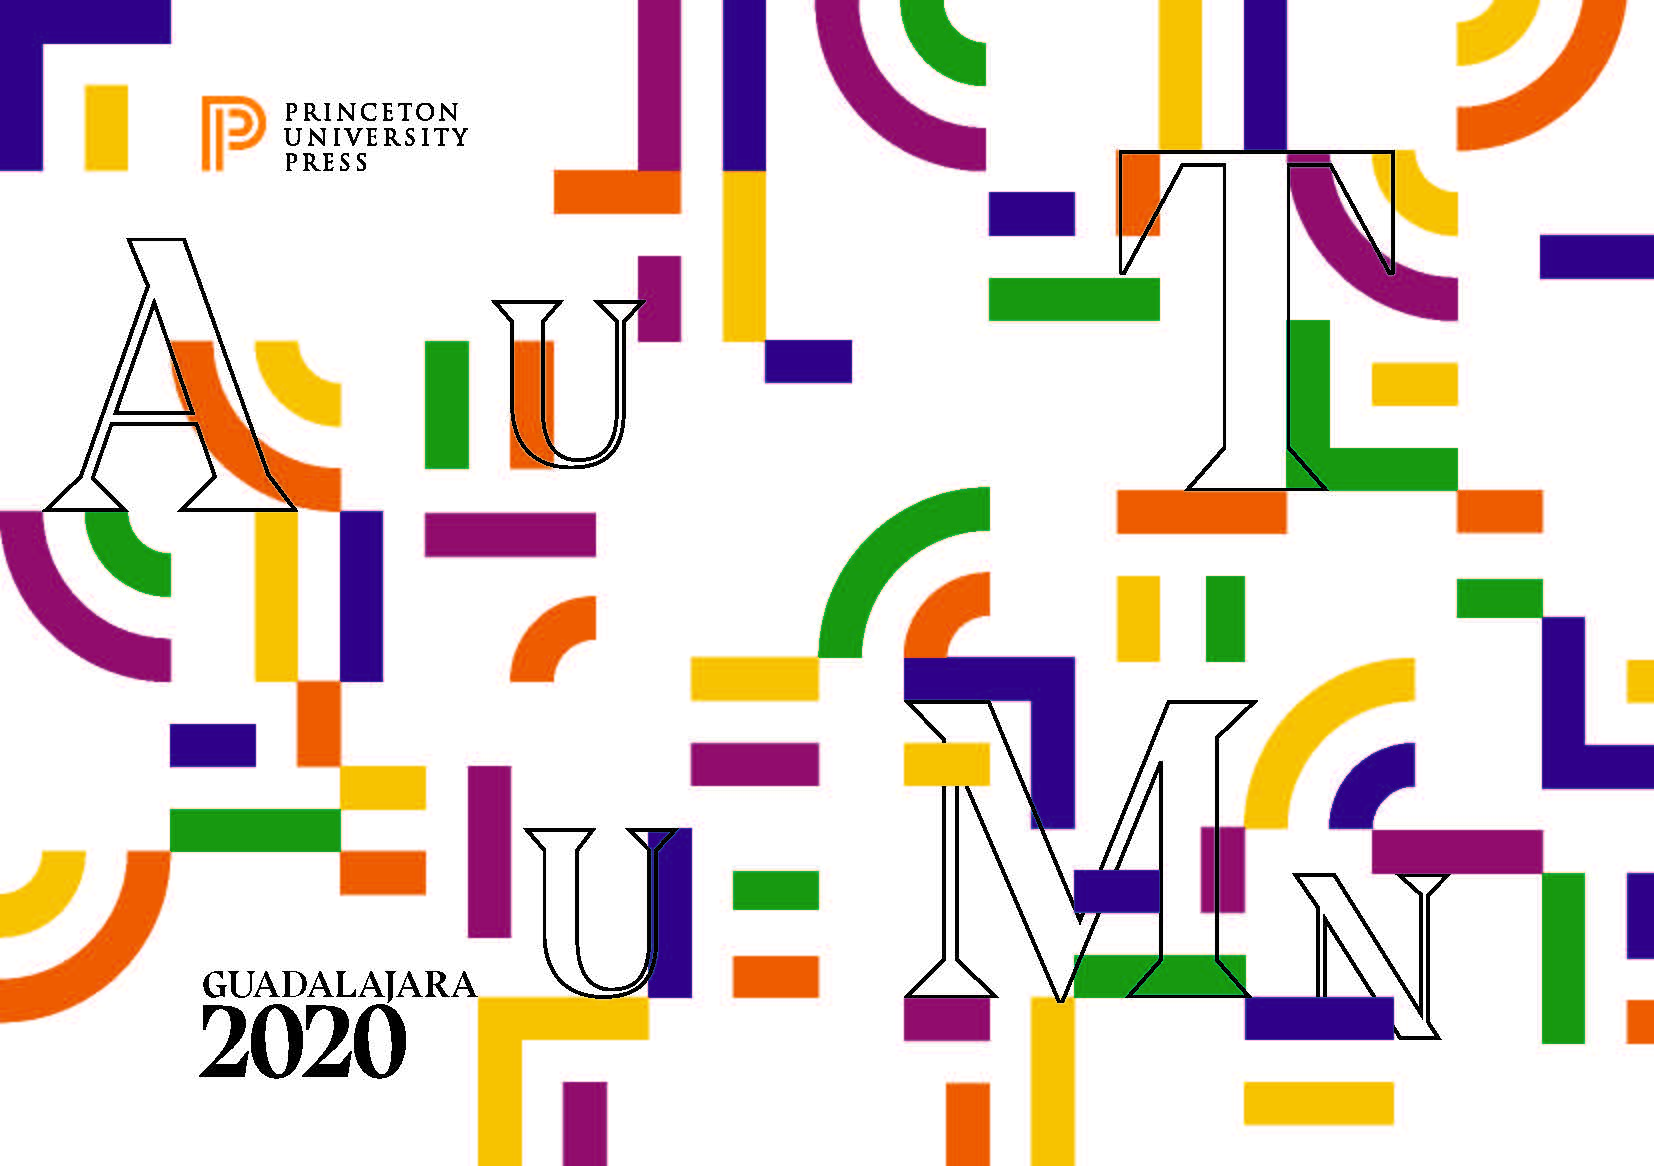 Guadalajara International Rights Guide 2020